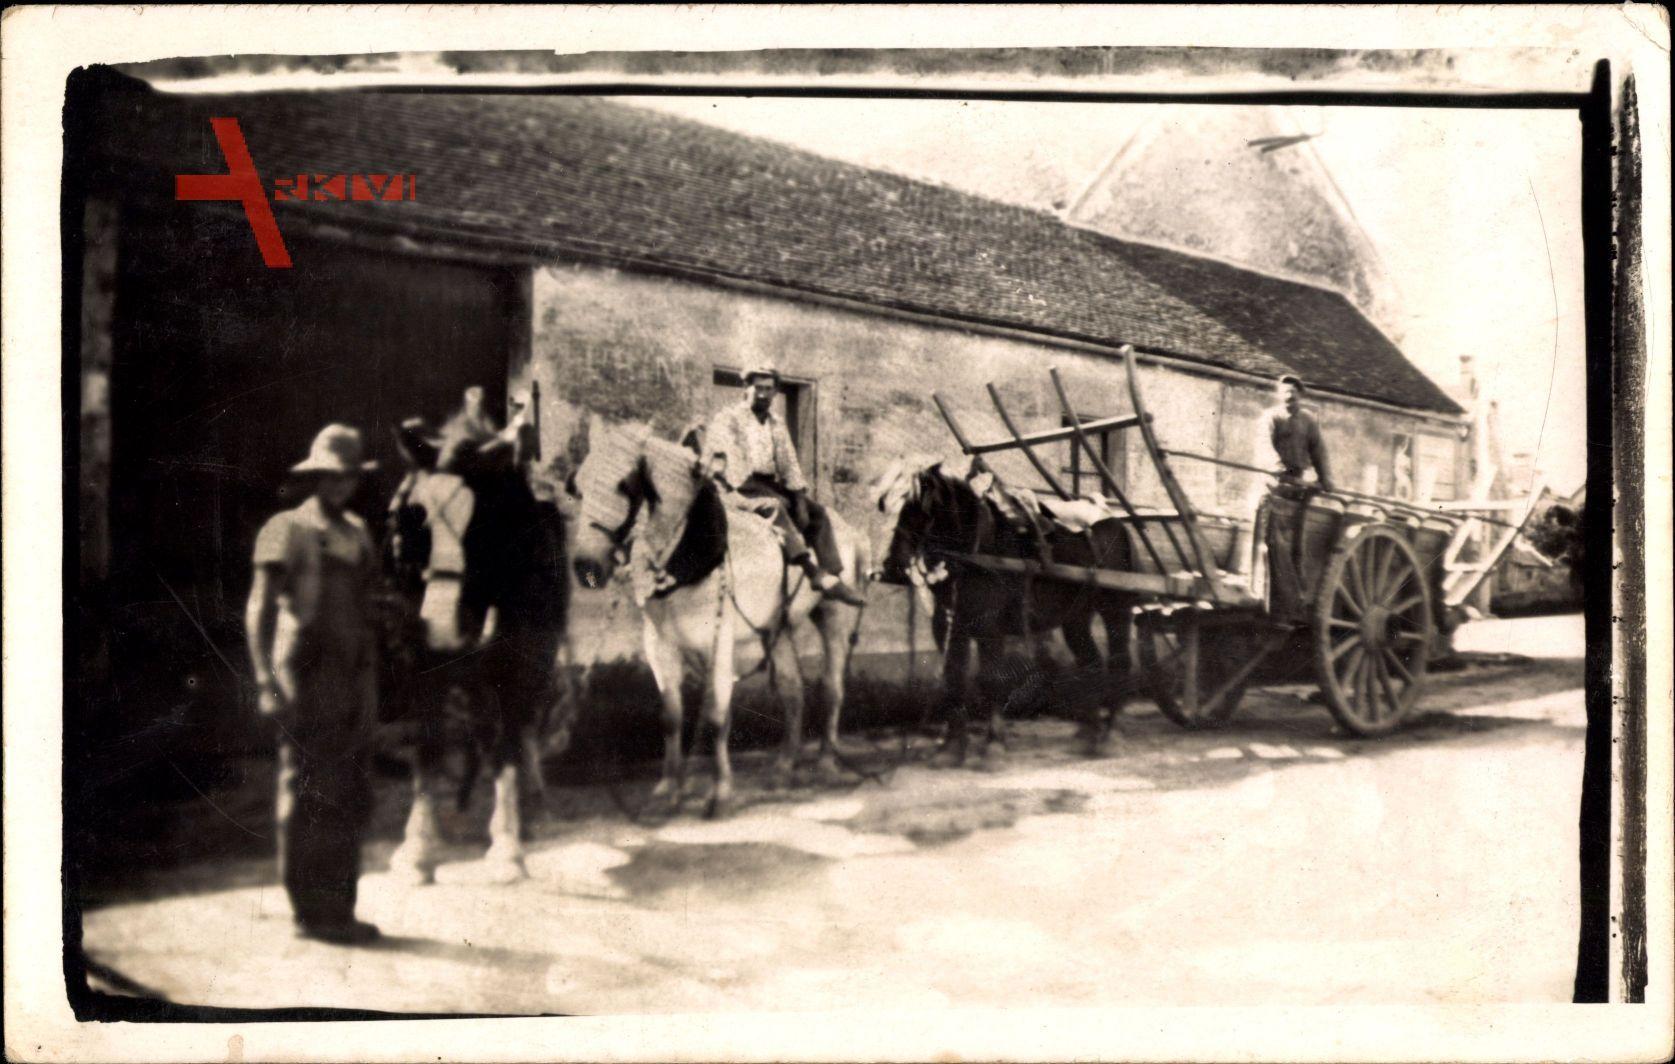 Frankreich, Bauernhof, Pferdekarren, Scheune